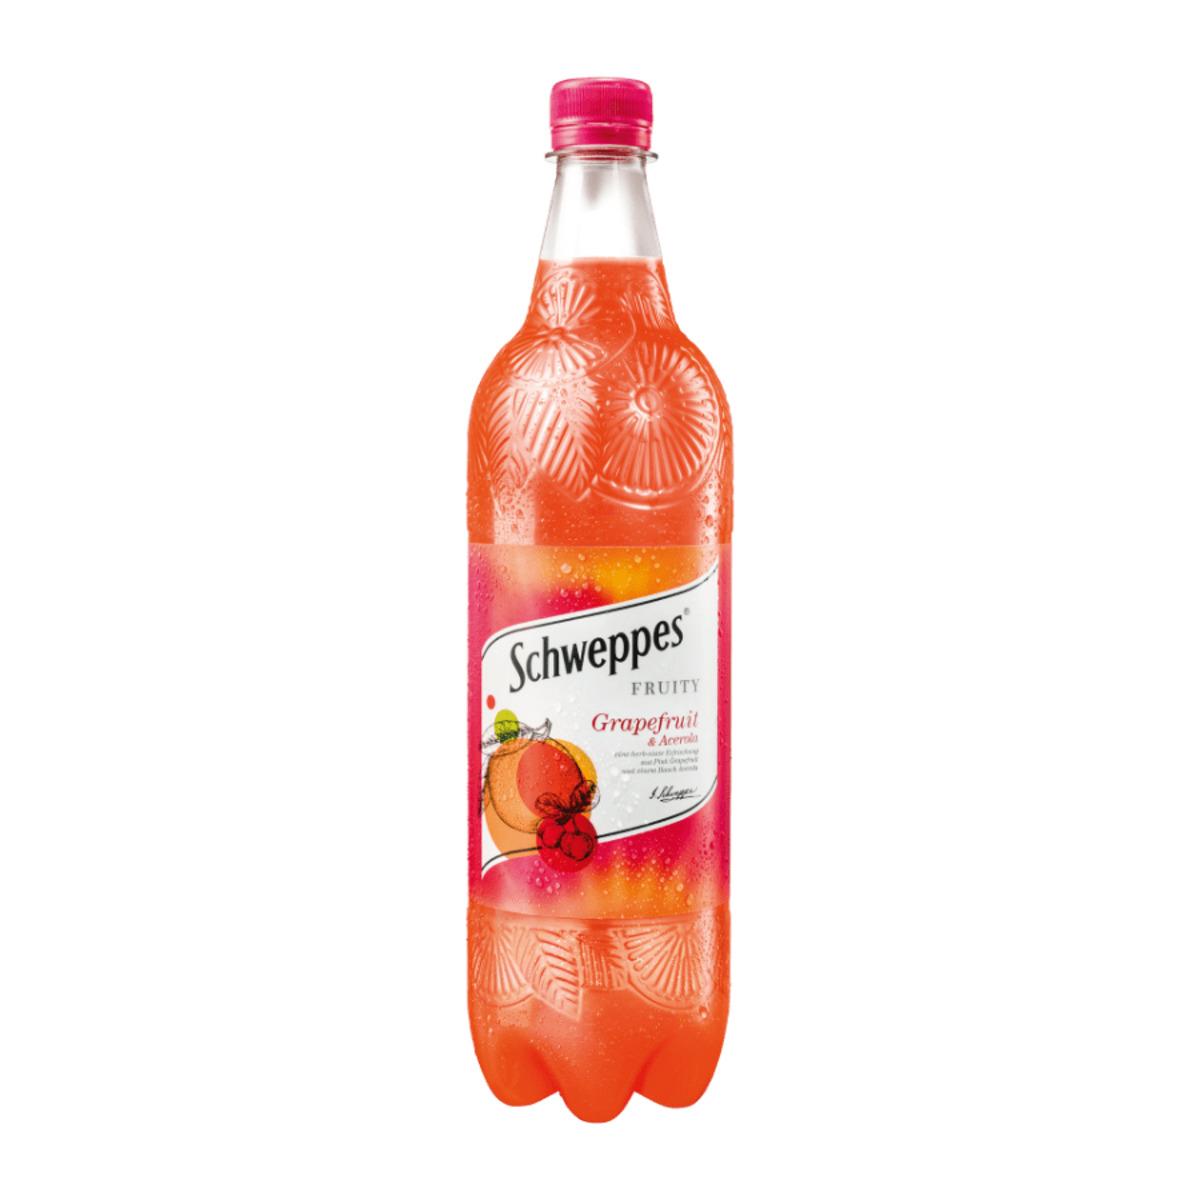 Bild 4 von Schweppes Fruity